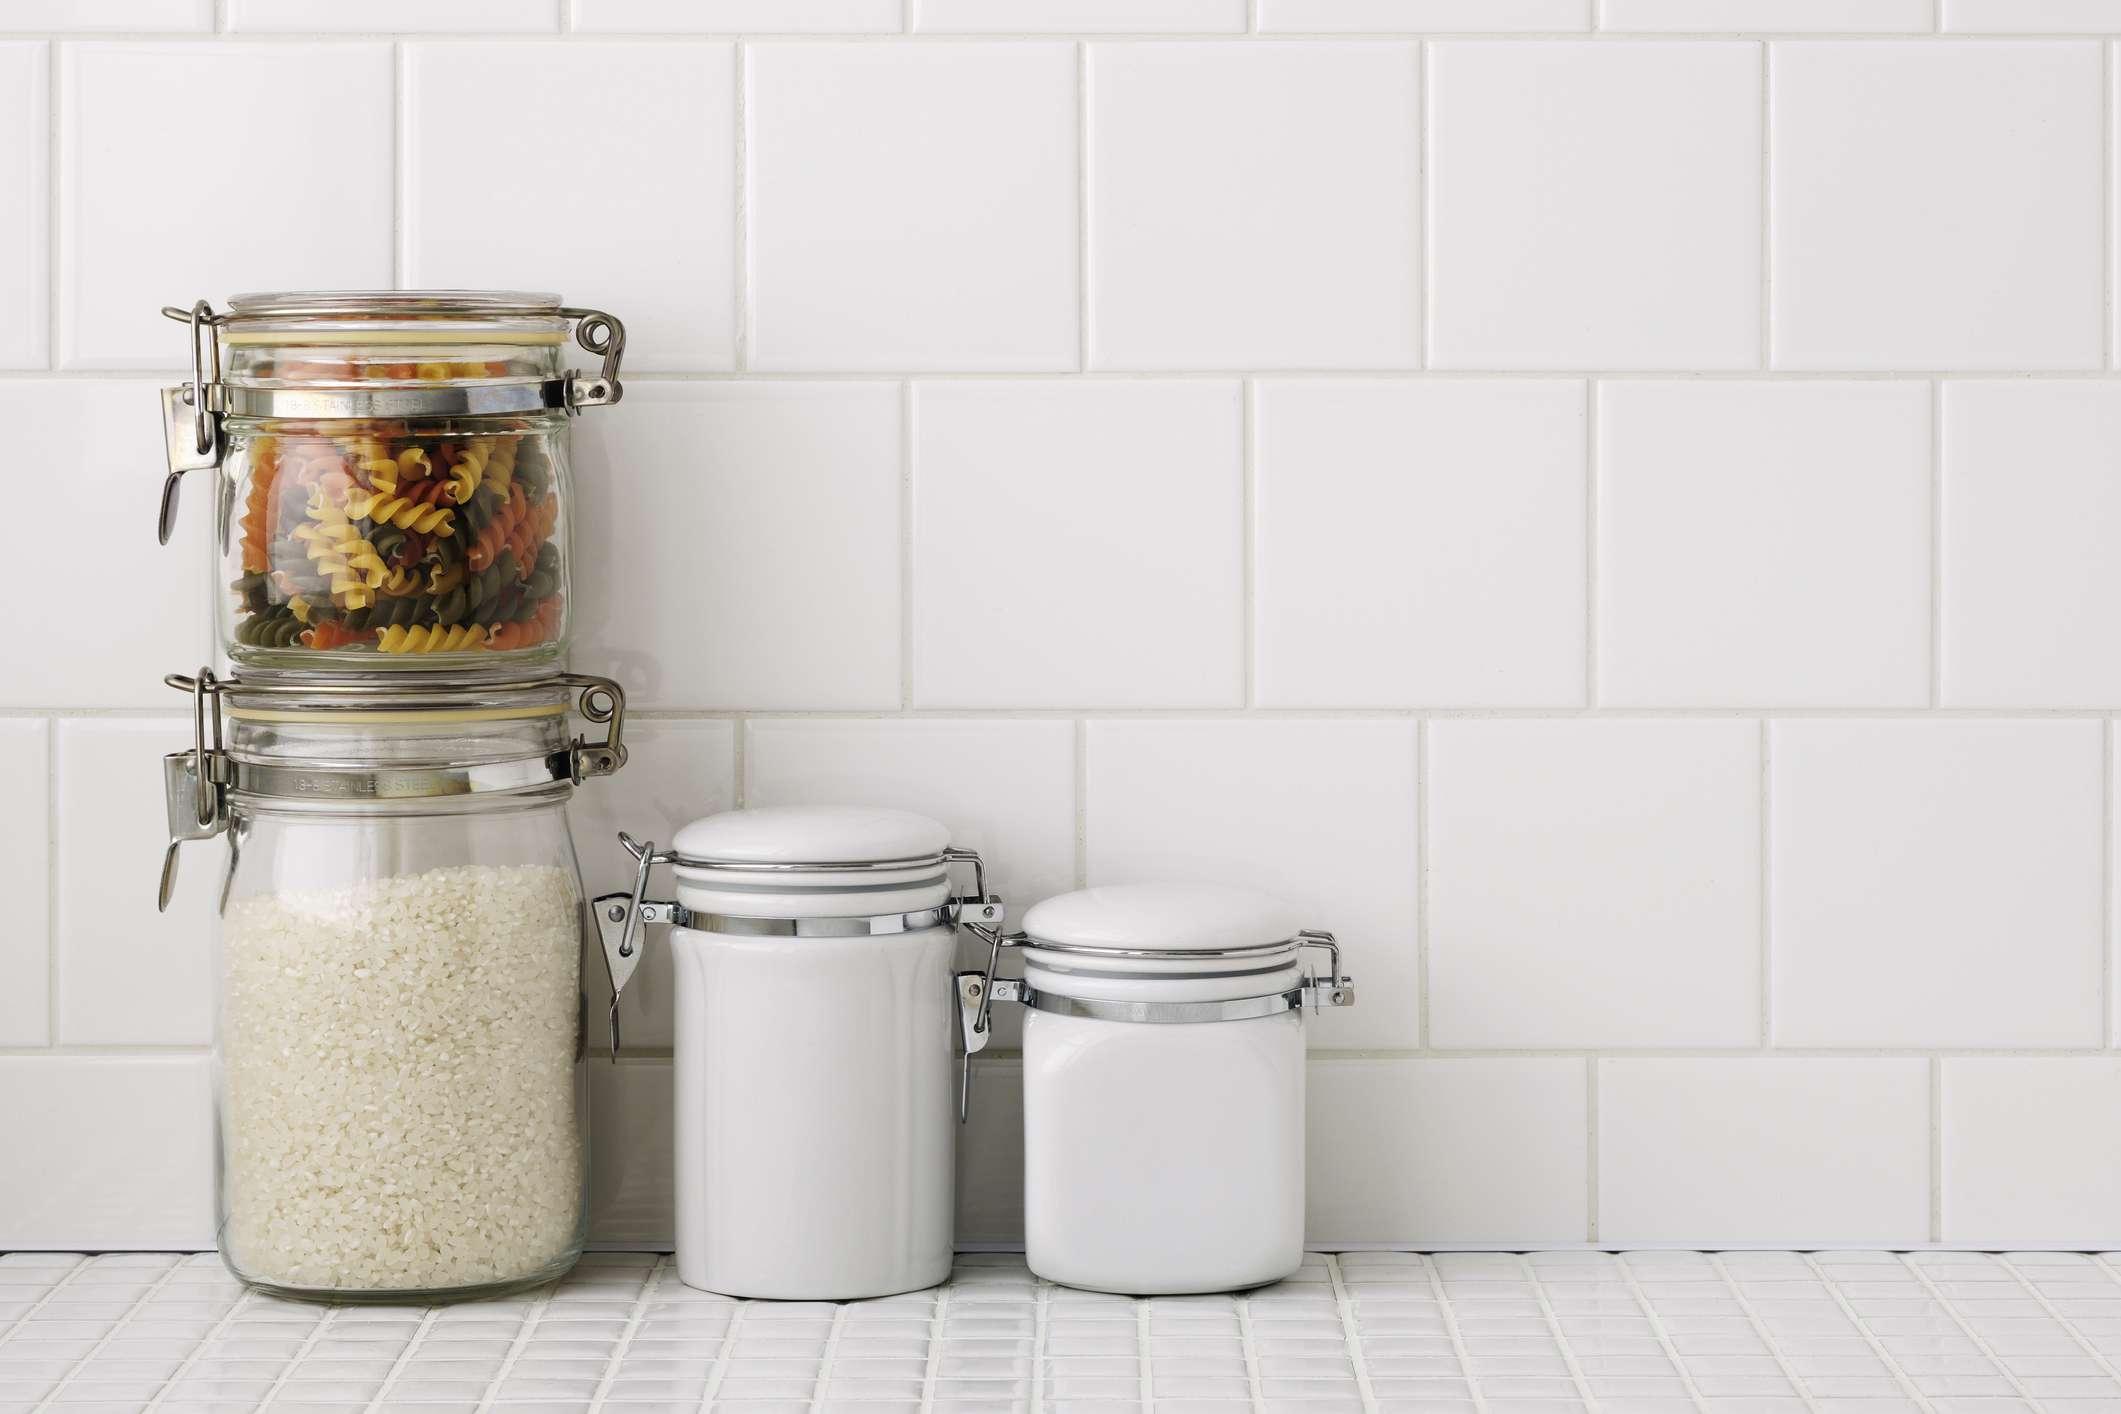 White tile countertop